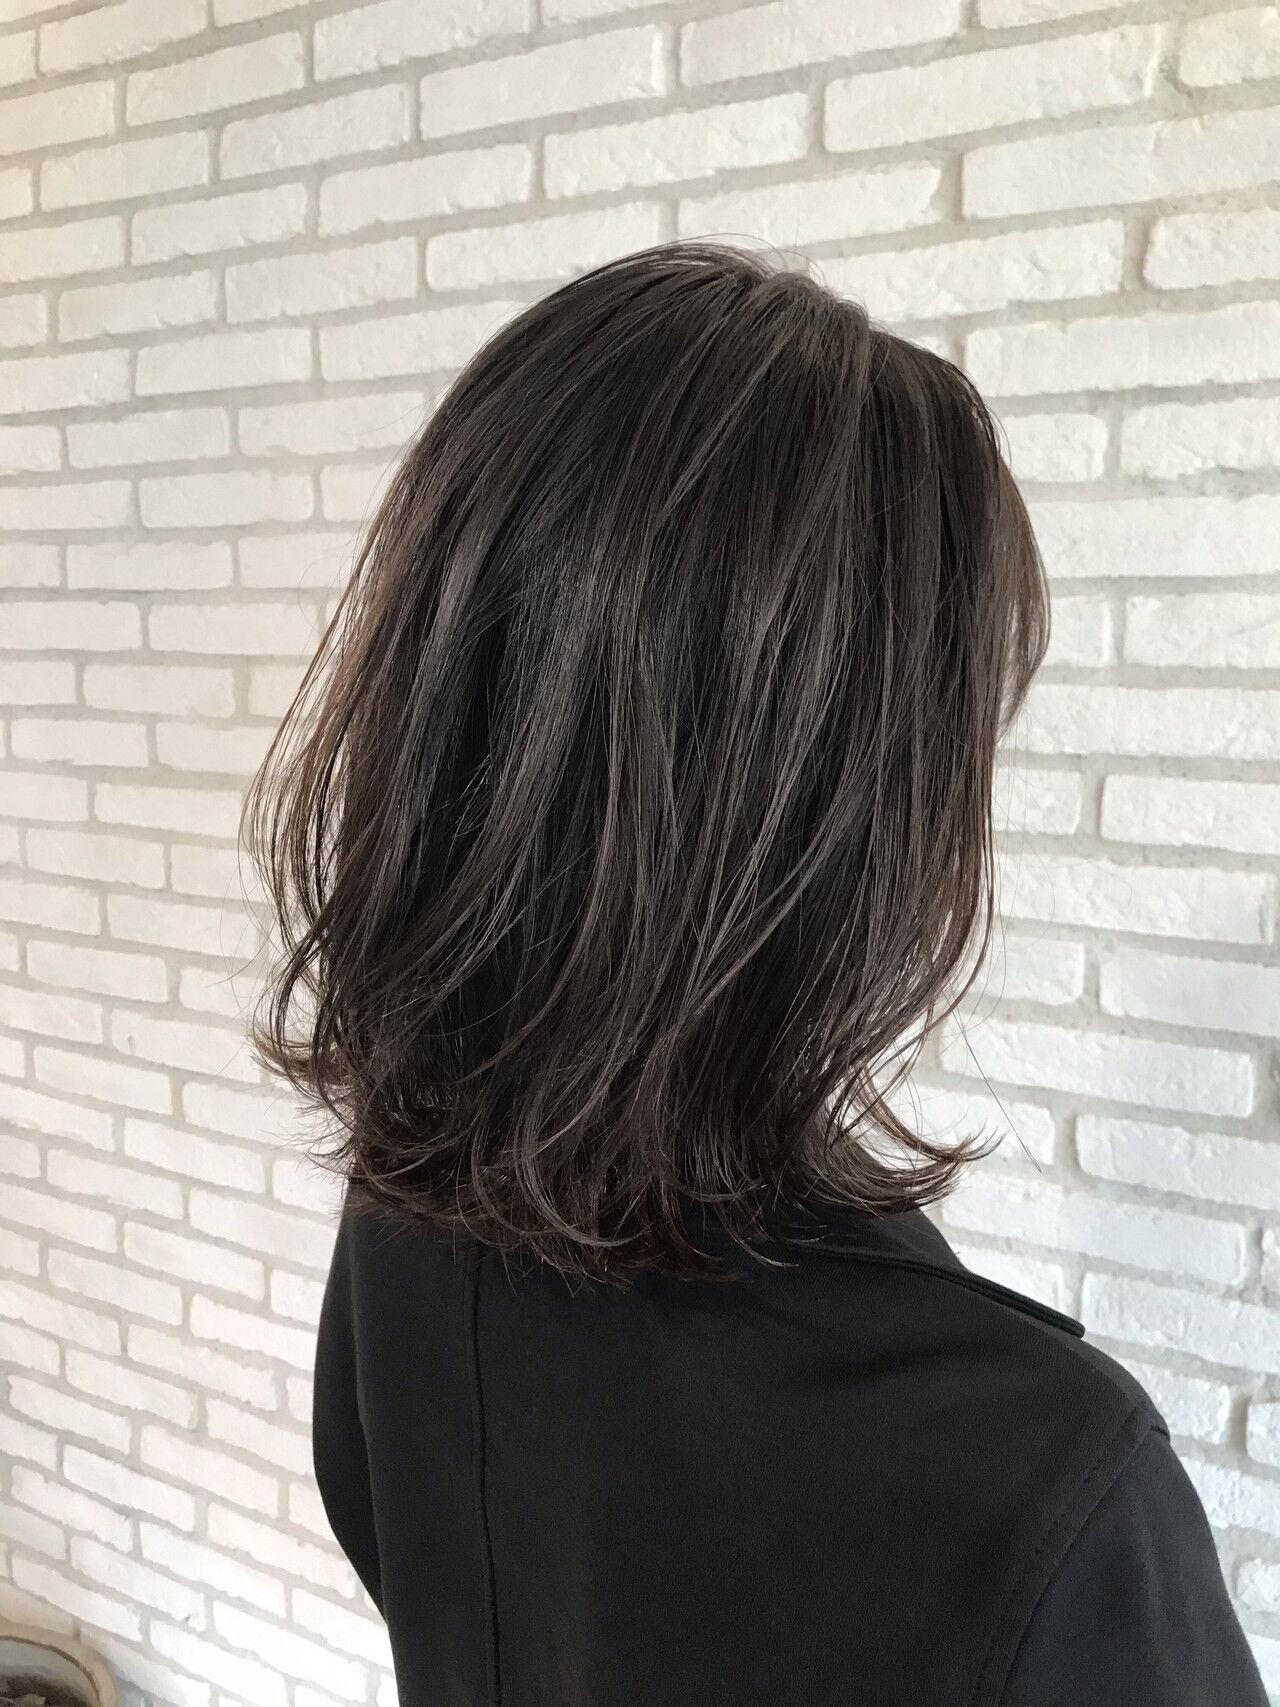 ミディアムヘアー コンサバ デジタルパーマ ひし形シルエットヘアスタイルや髪型の写真・画像